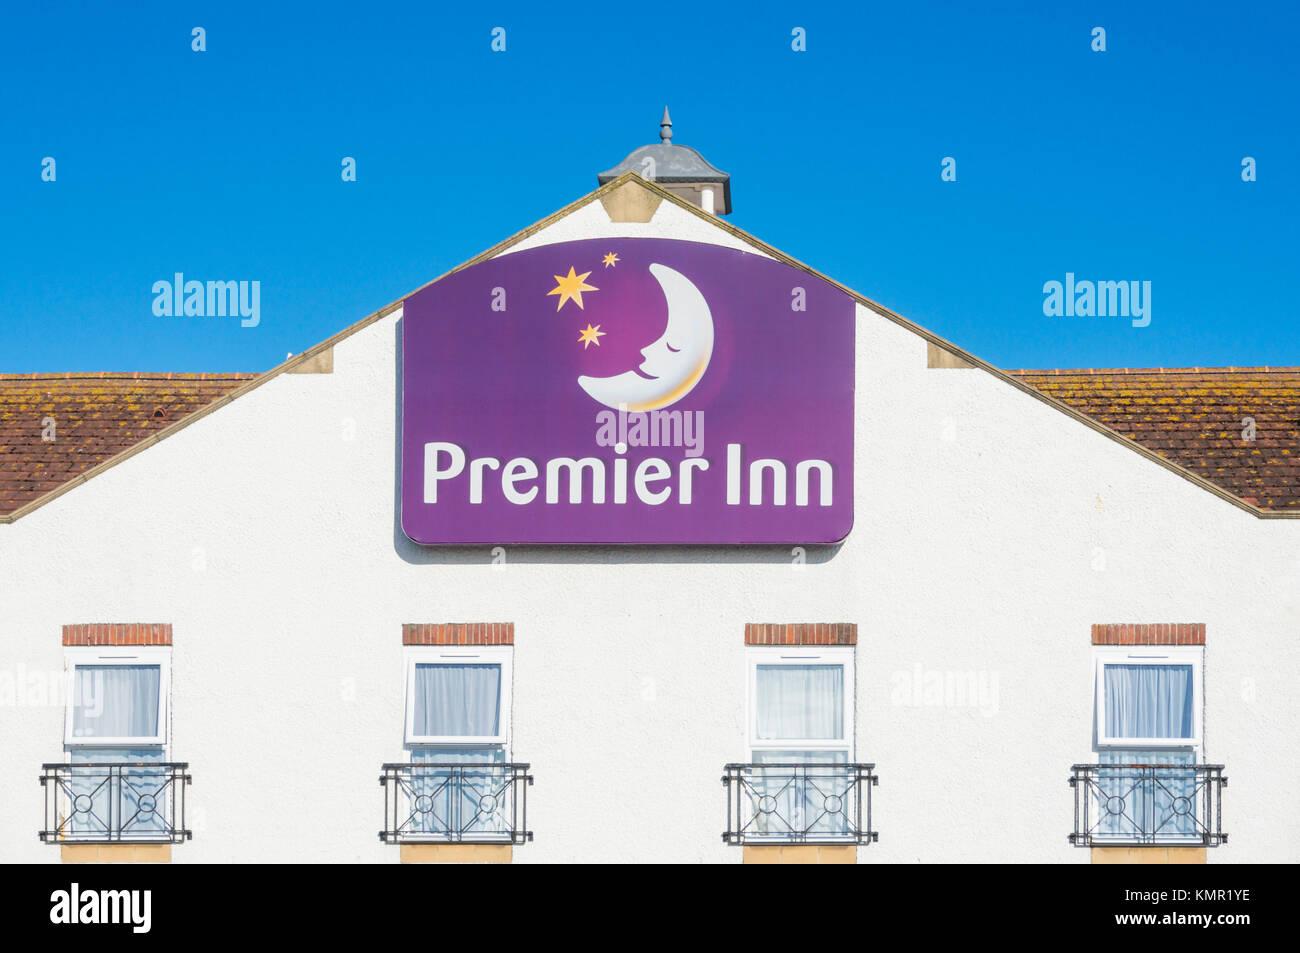 England Premier inn logo premier inn sign on front of hotel building premier inn facade premier inn hotel chain - Stock Image